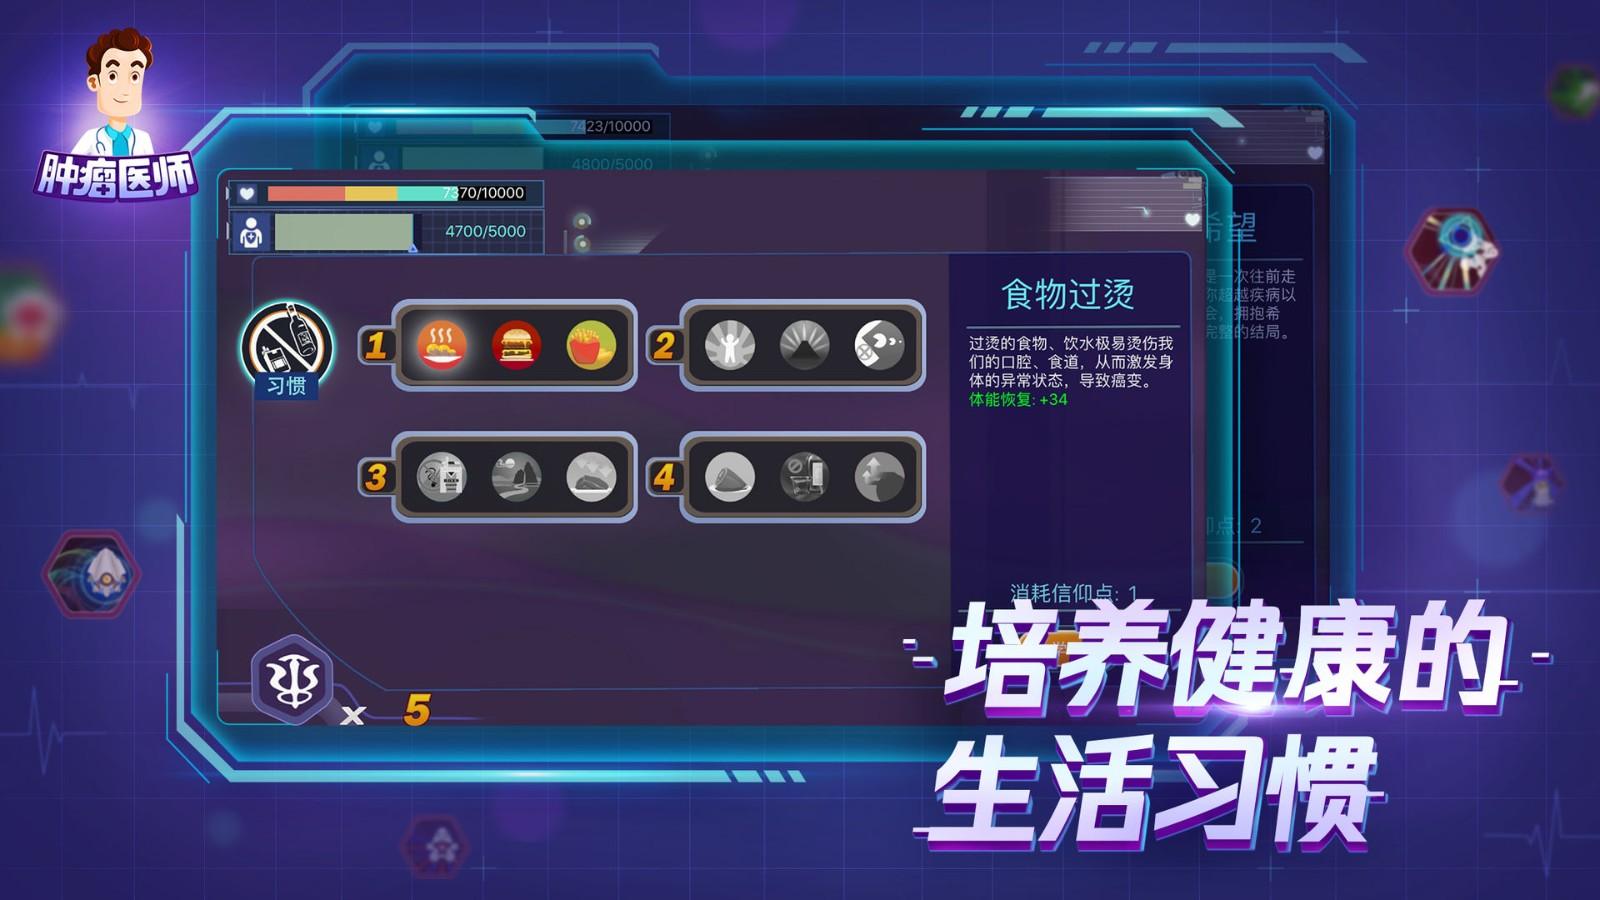 肿瘤医生中文版